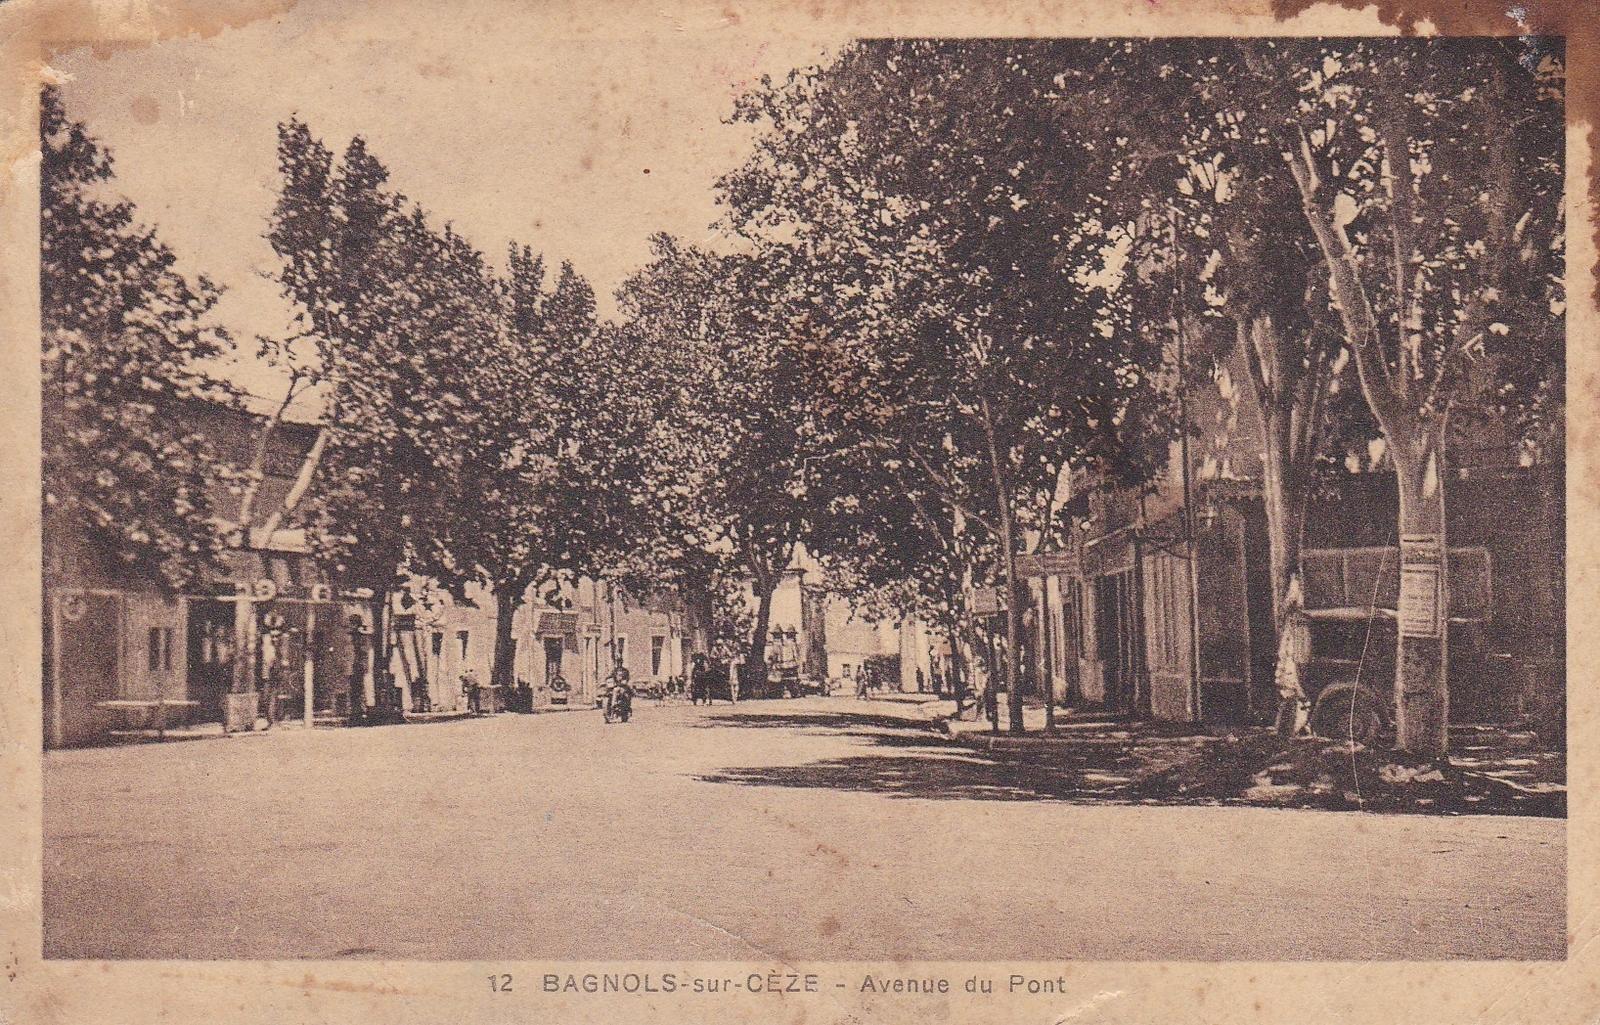 Construction Piscine Bagnols Sur Ceze ville de bagnols-sur-cèze, la mairie de bagnols-sur-cèze et